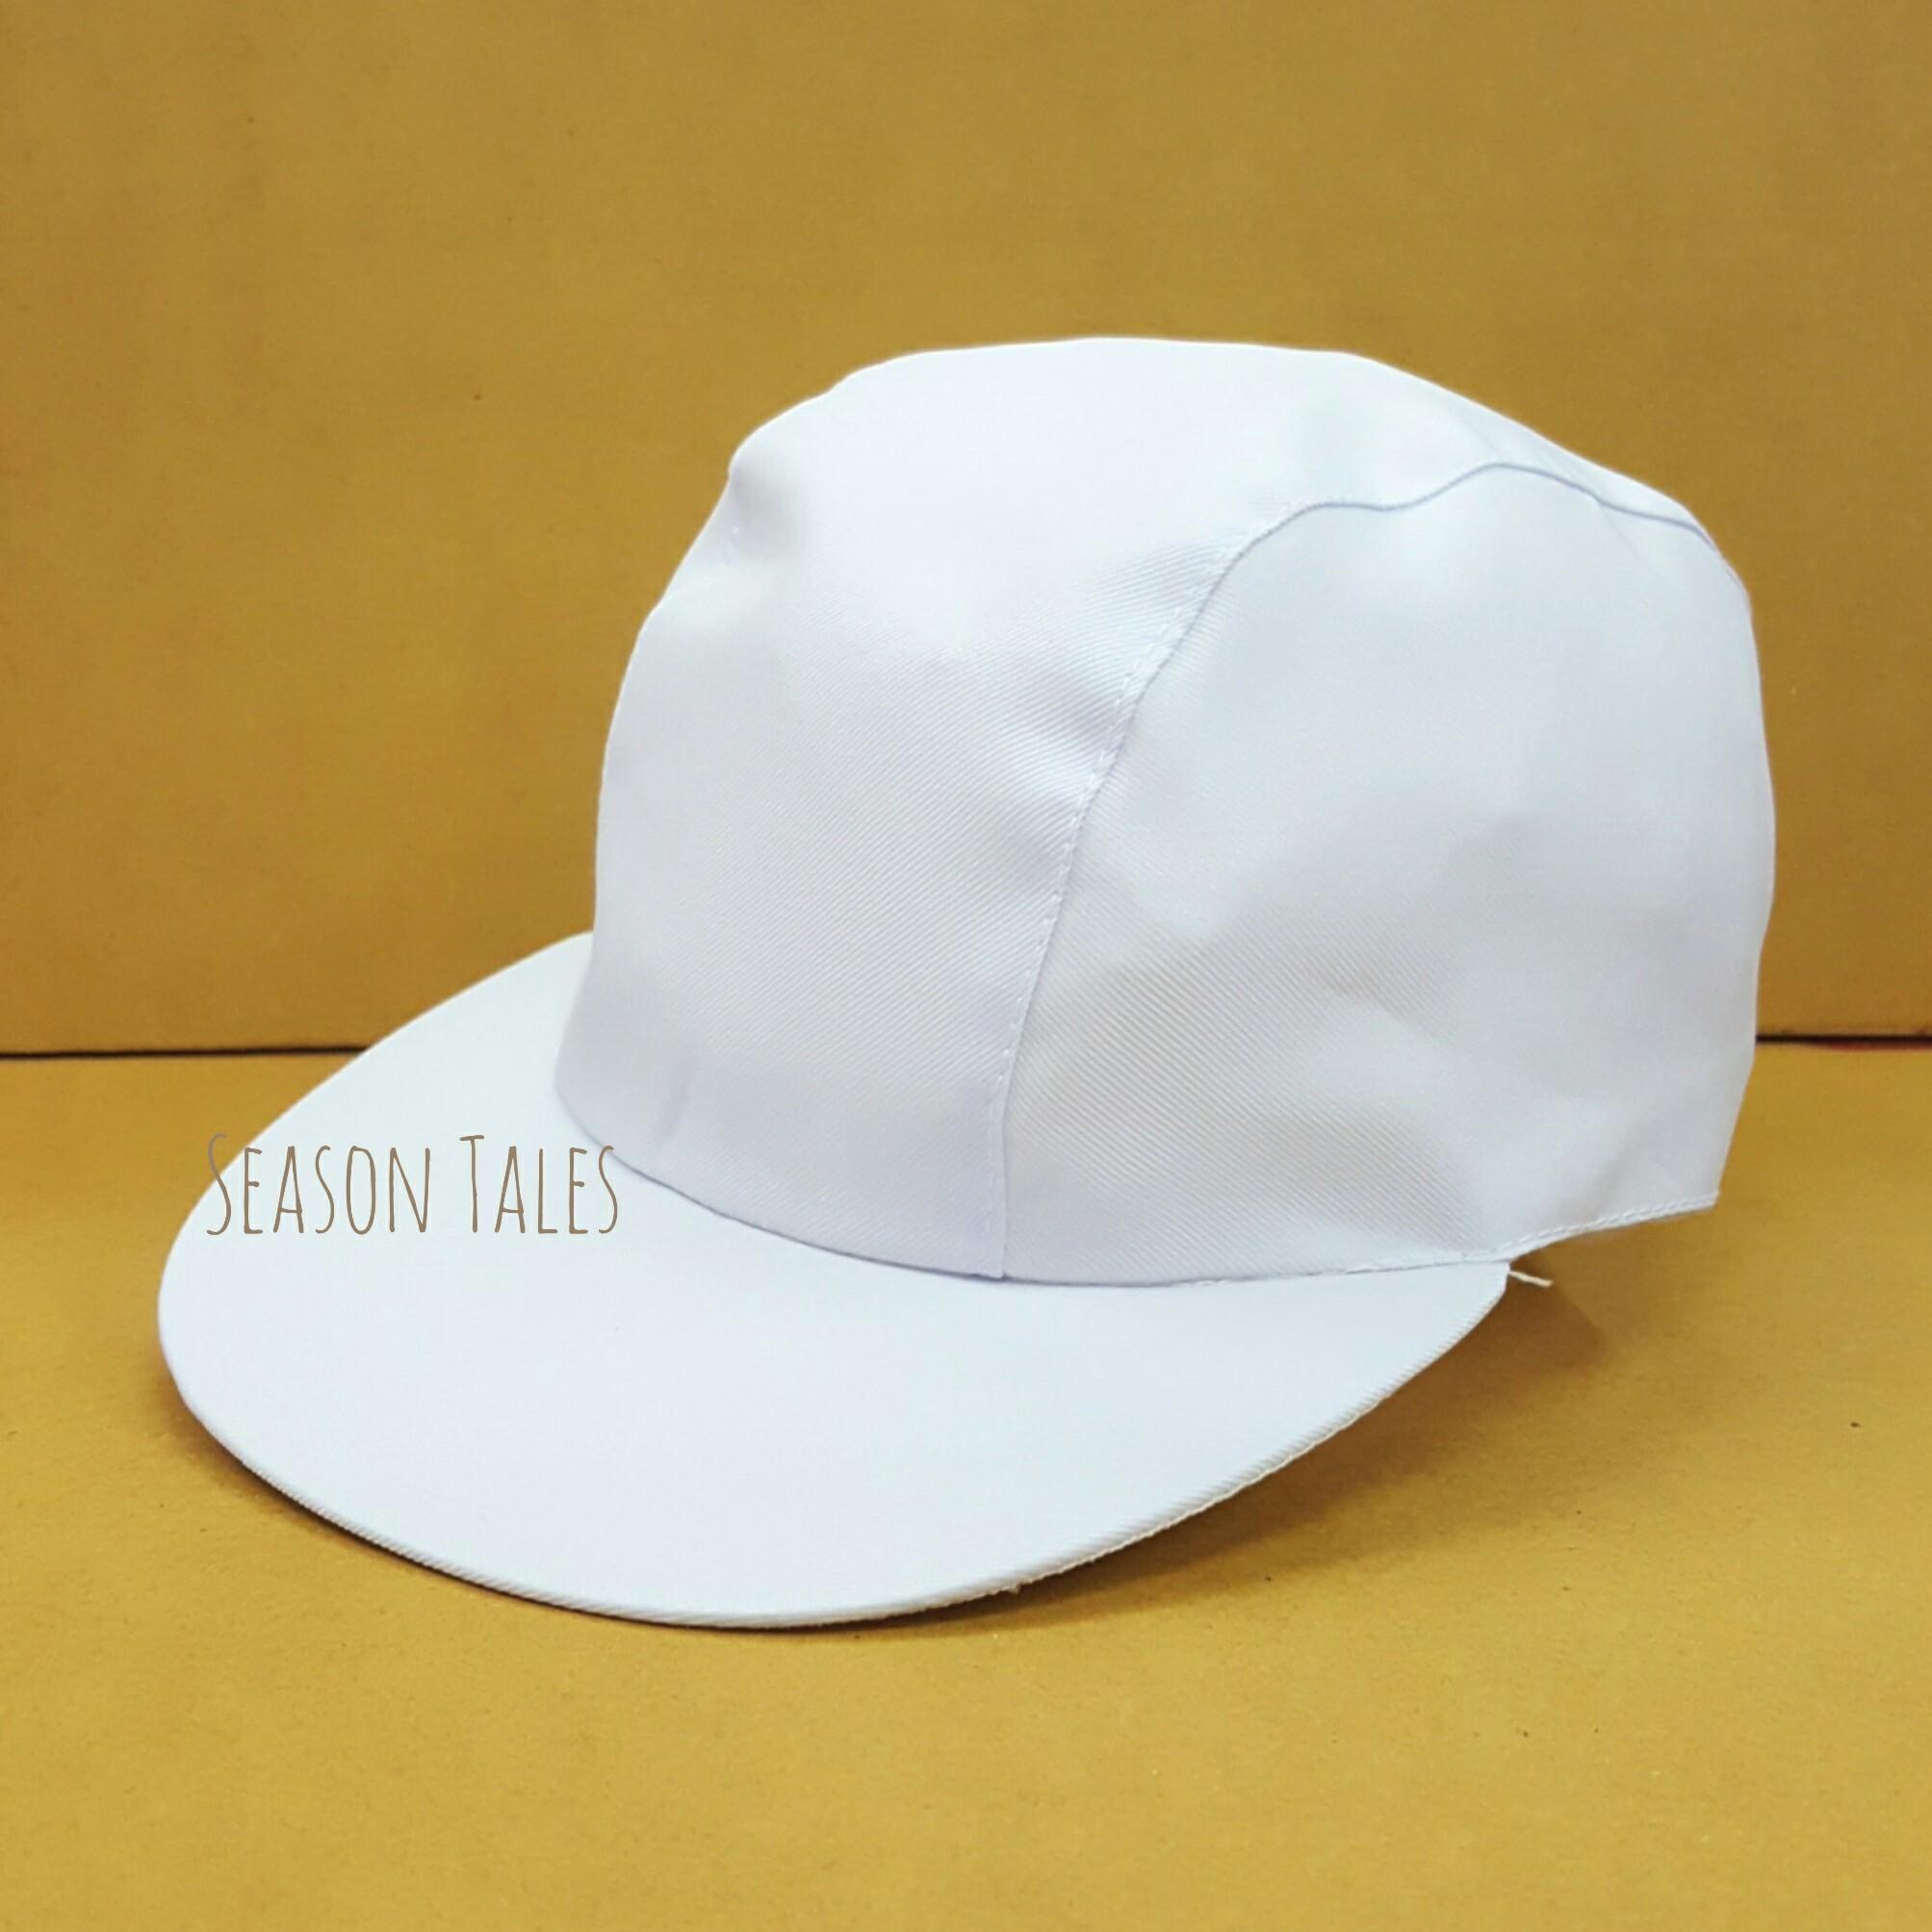 หมวกกีฬาสี หมวกแก๊ปกีฬาสี สีขาว (สั่งในเว็บไม่ได้ สั่งผ่านLine เท่านั้น)